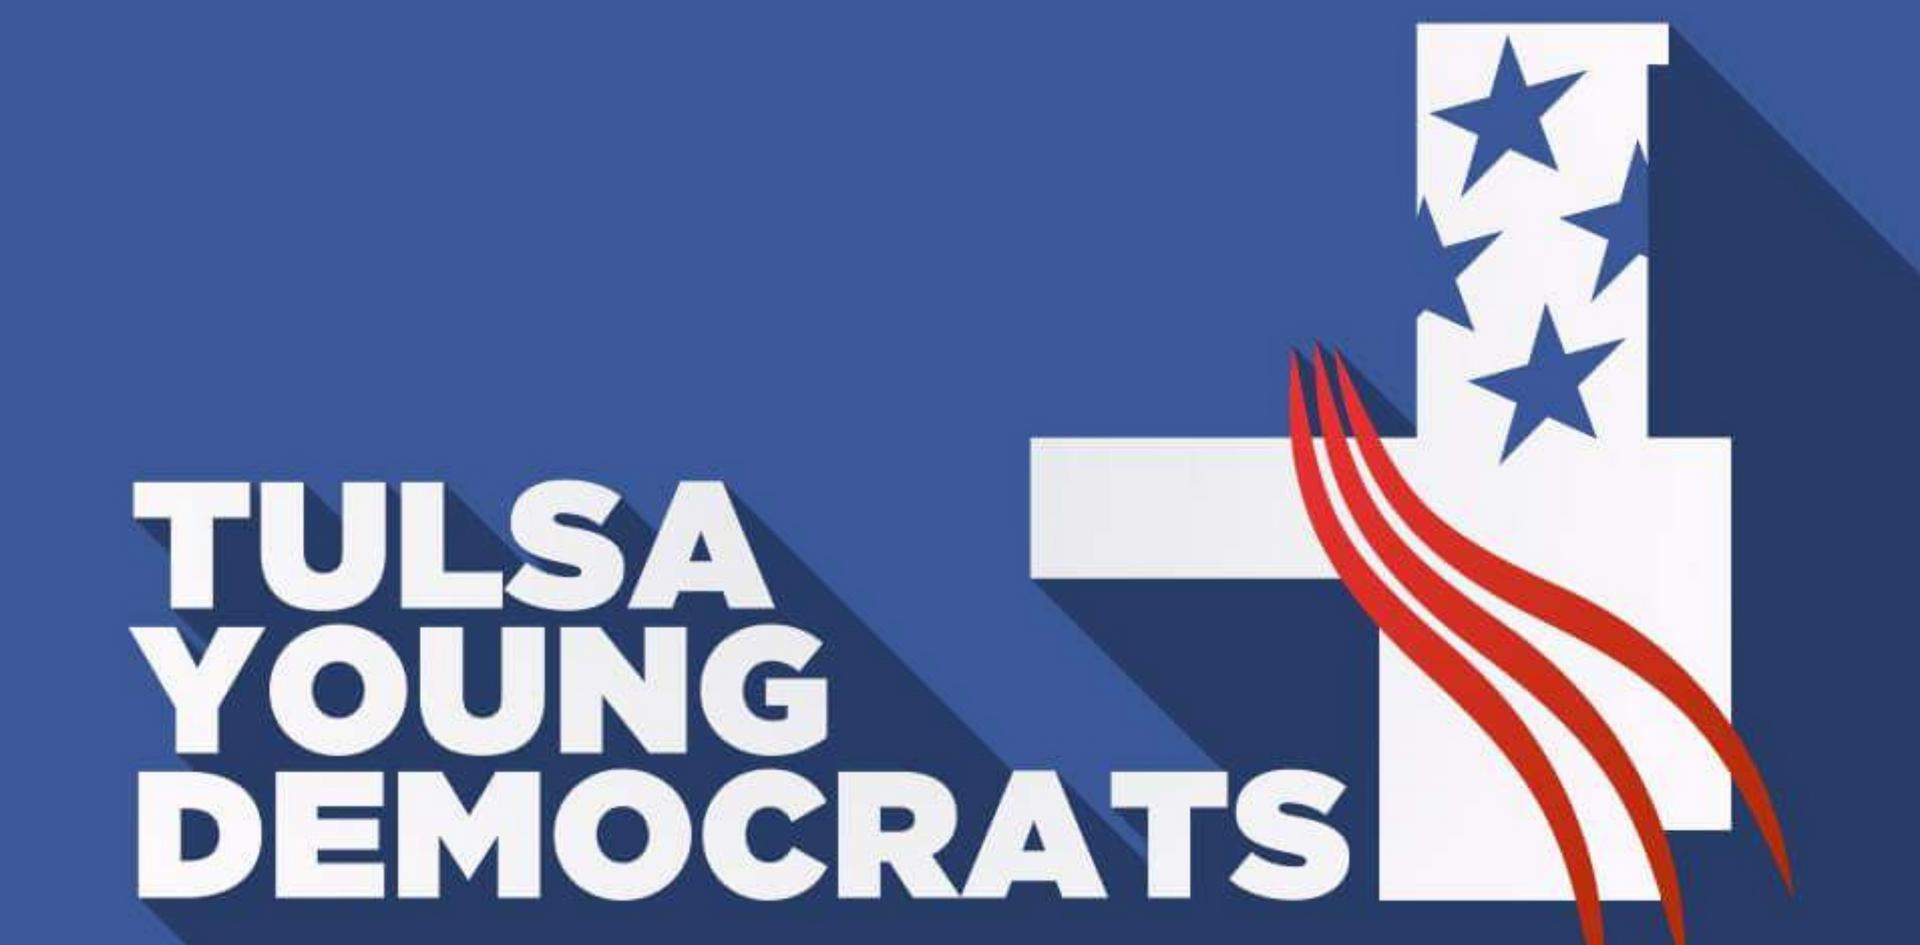 Tulsa Young Democrats Facebook Page